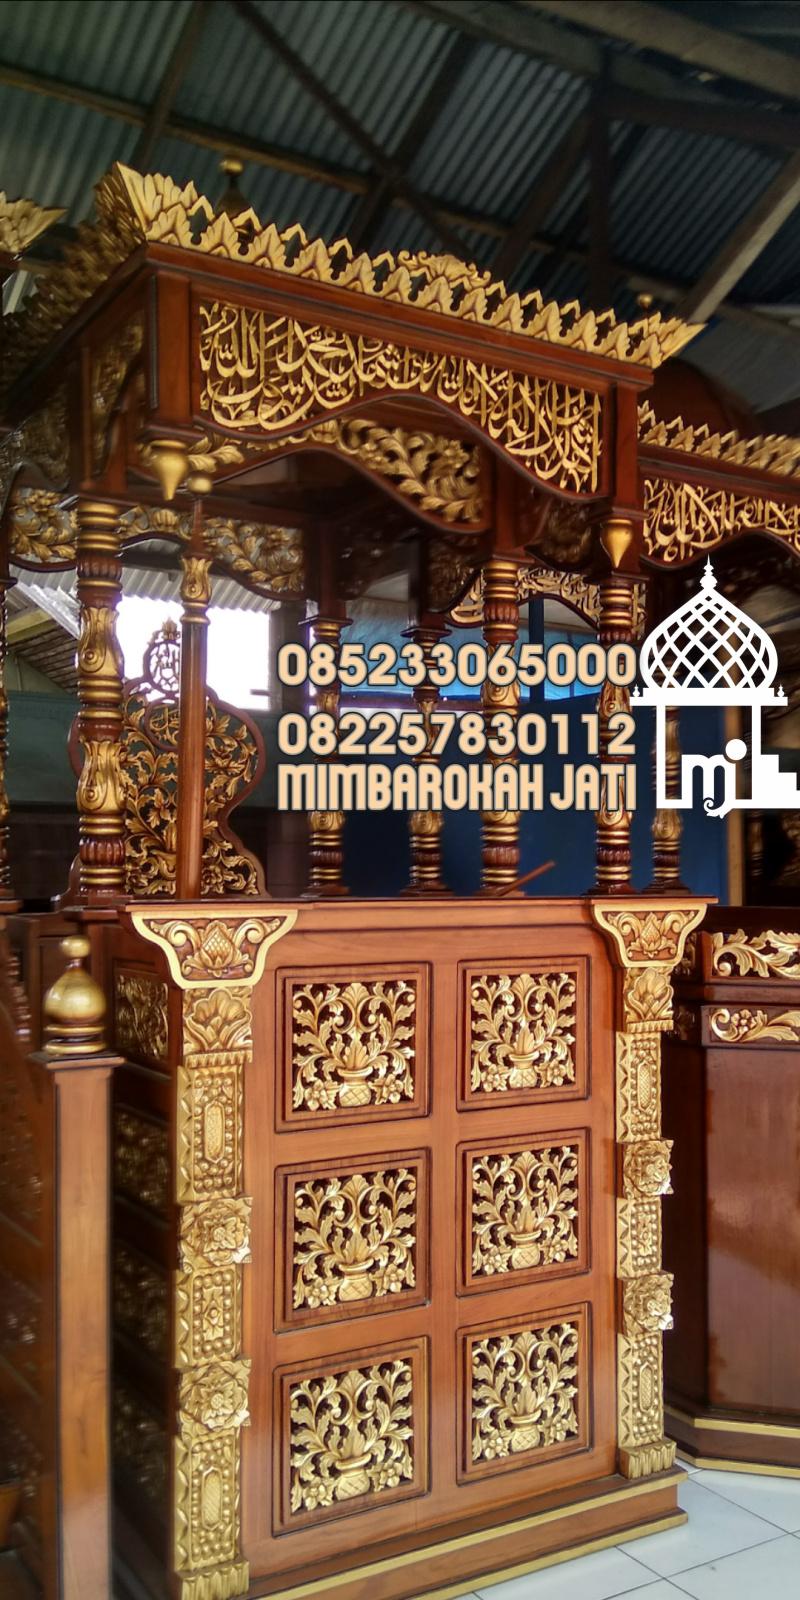 Mimbar Khutbah Masjid Ukuran Sederhan Klasik Kayu Jati